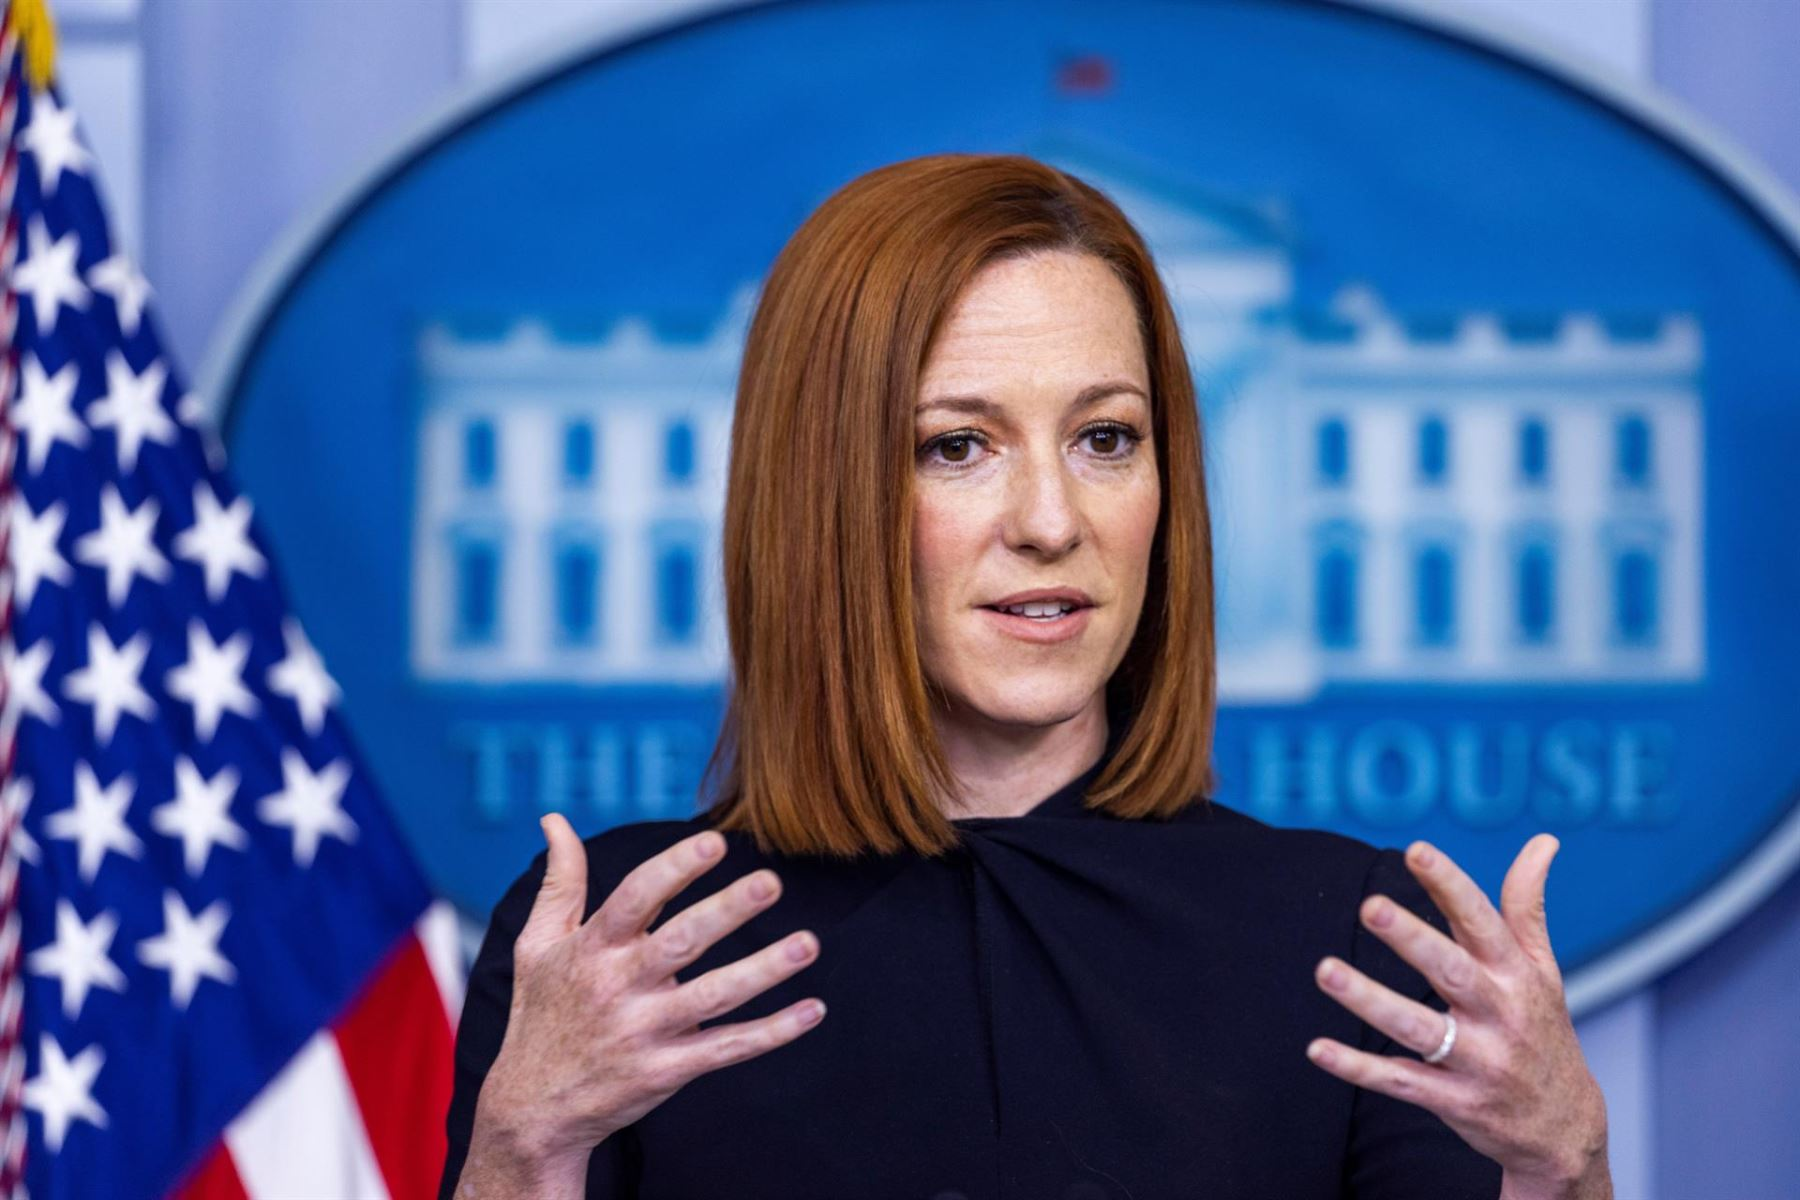 La portavoz de la Casa Blanca, Jen Psaki, habla en su rueda de prensa en Washington (EE. UU.), hoy 23 de abril del 2021.